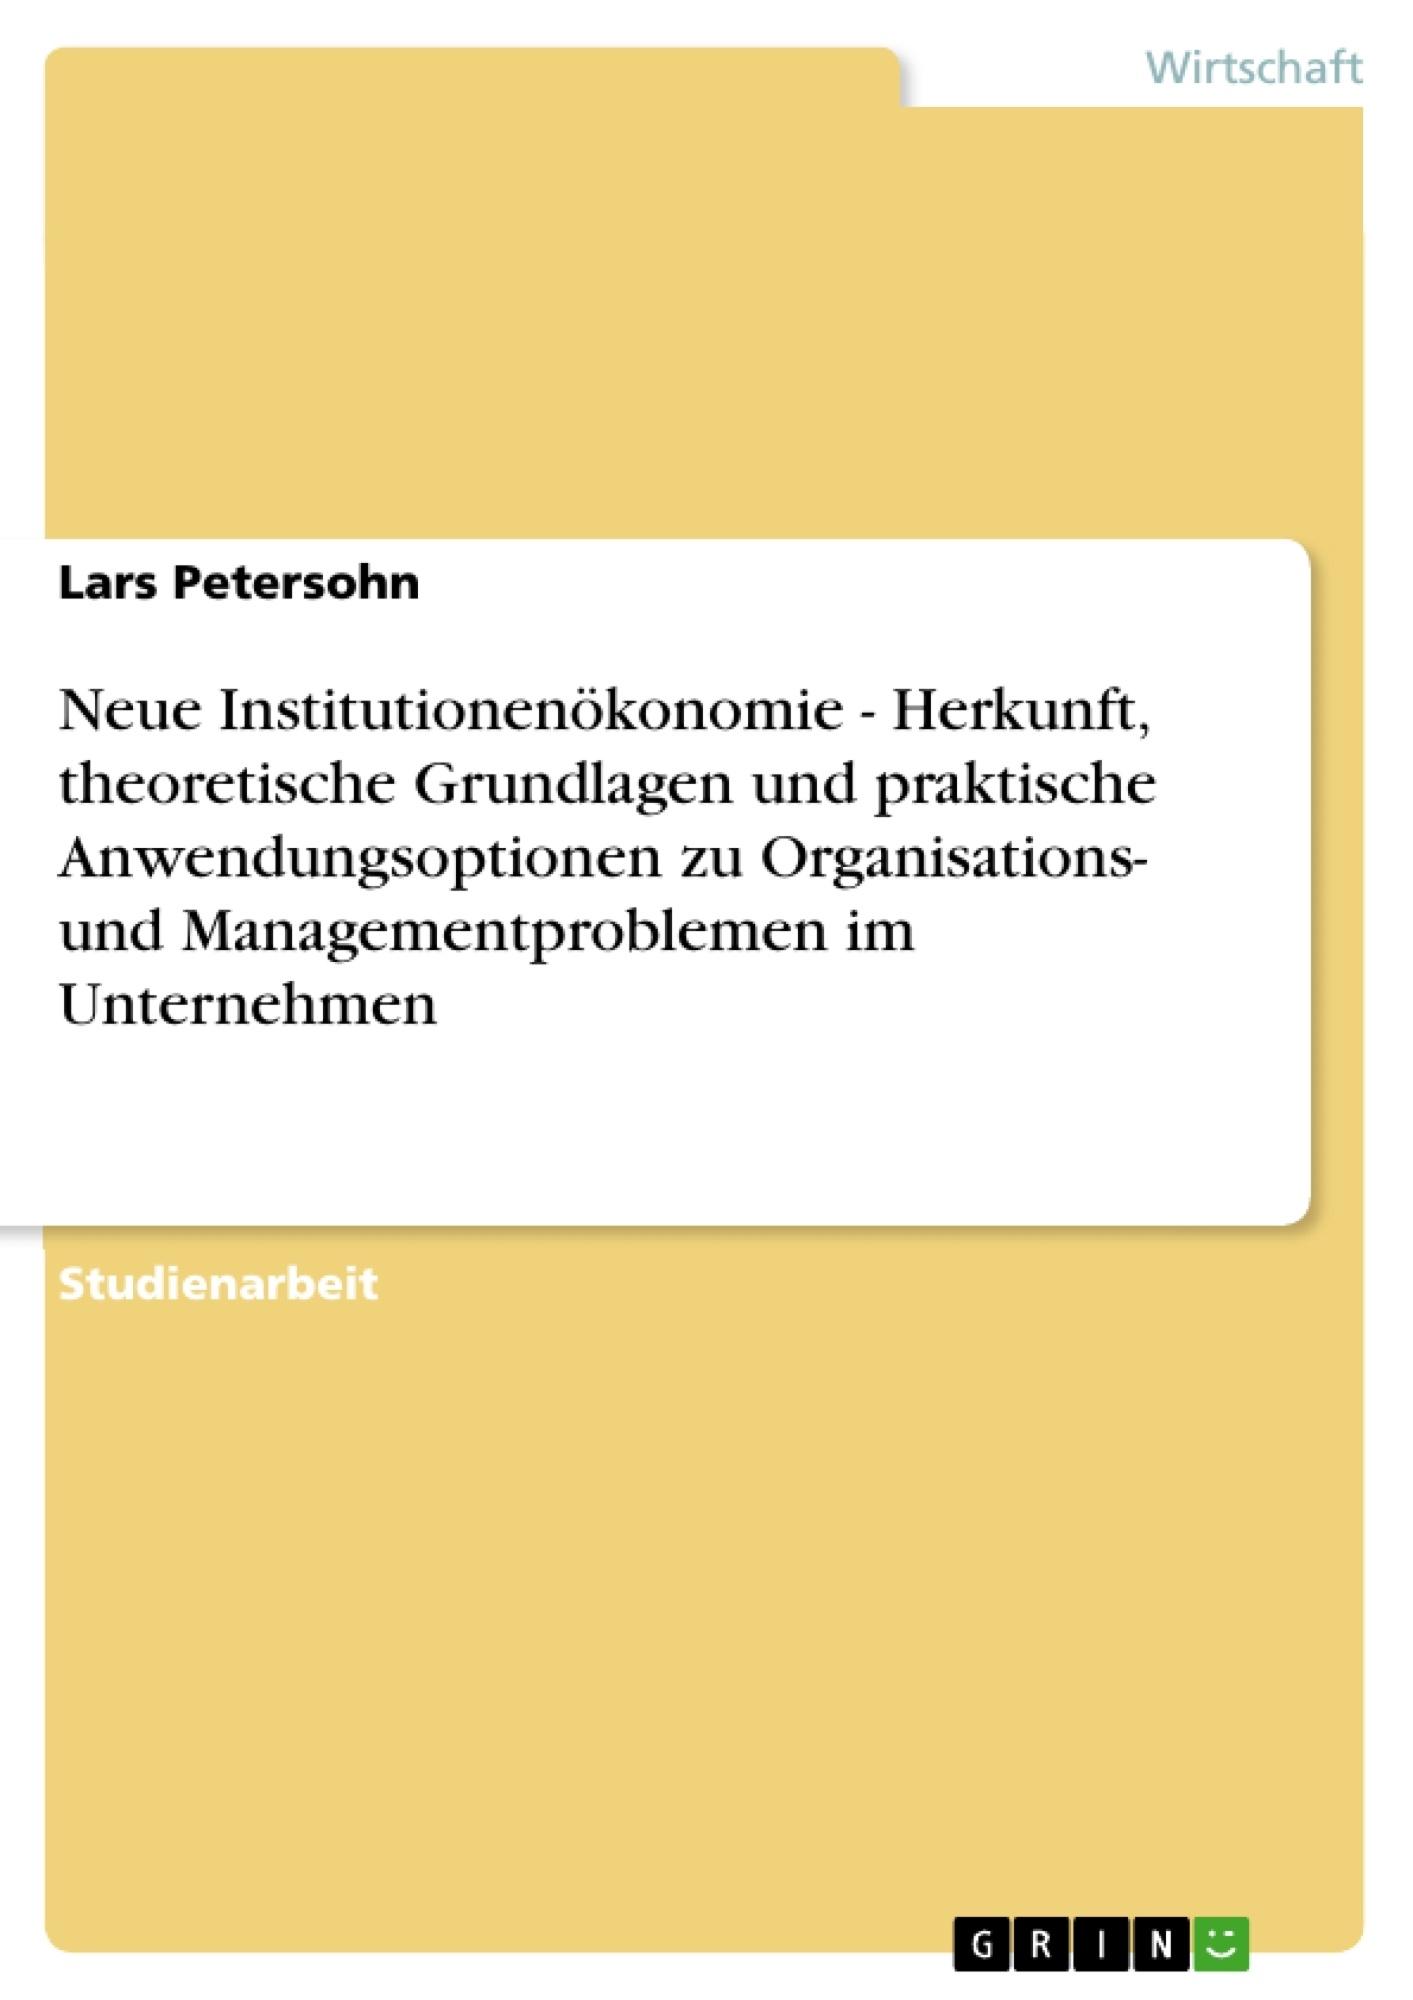 Titel: Neue Institutionenökonomie - Herkunft, theoretische Grundlagen und praktische Anwendungsoptionen zu Organisations- und Managementproblemen im Unternehmen